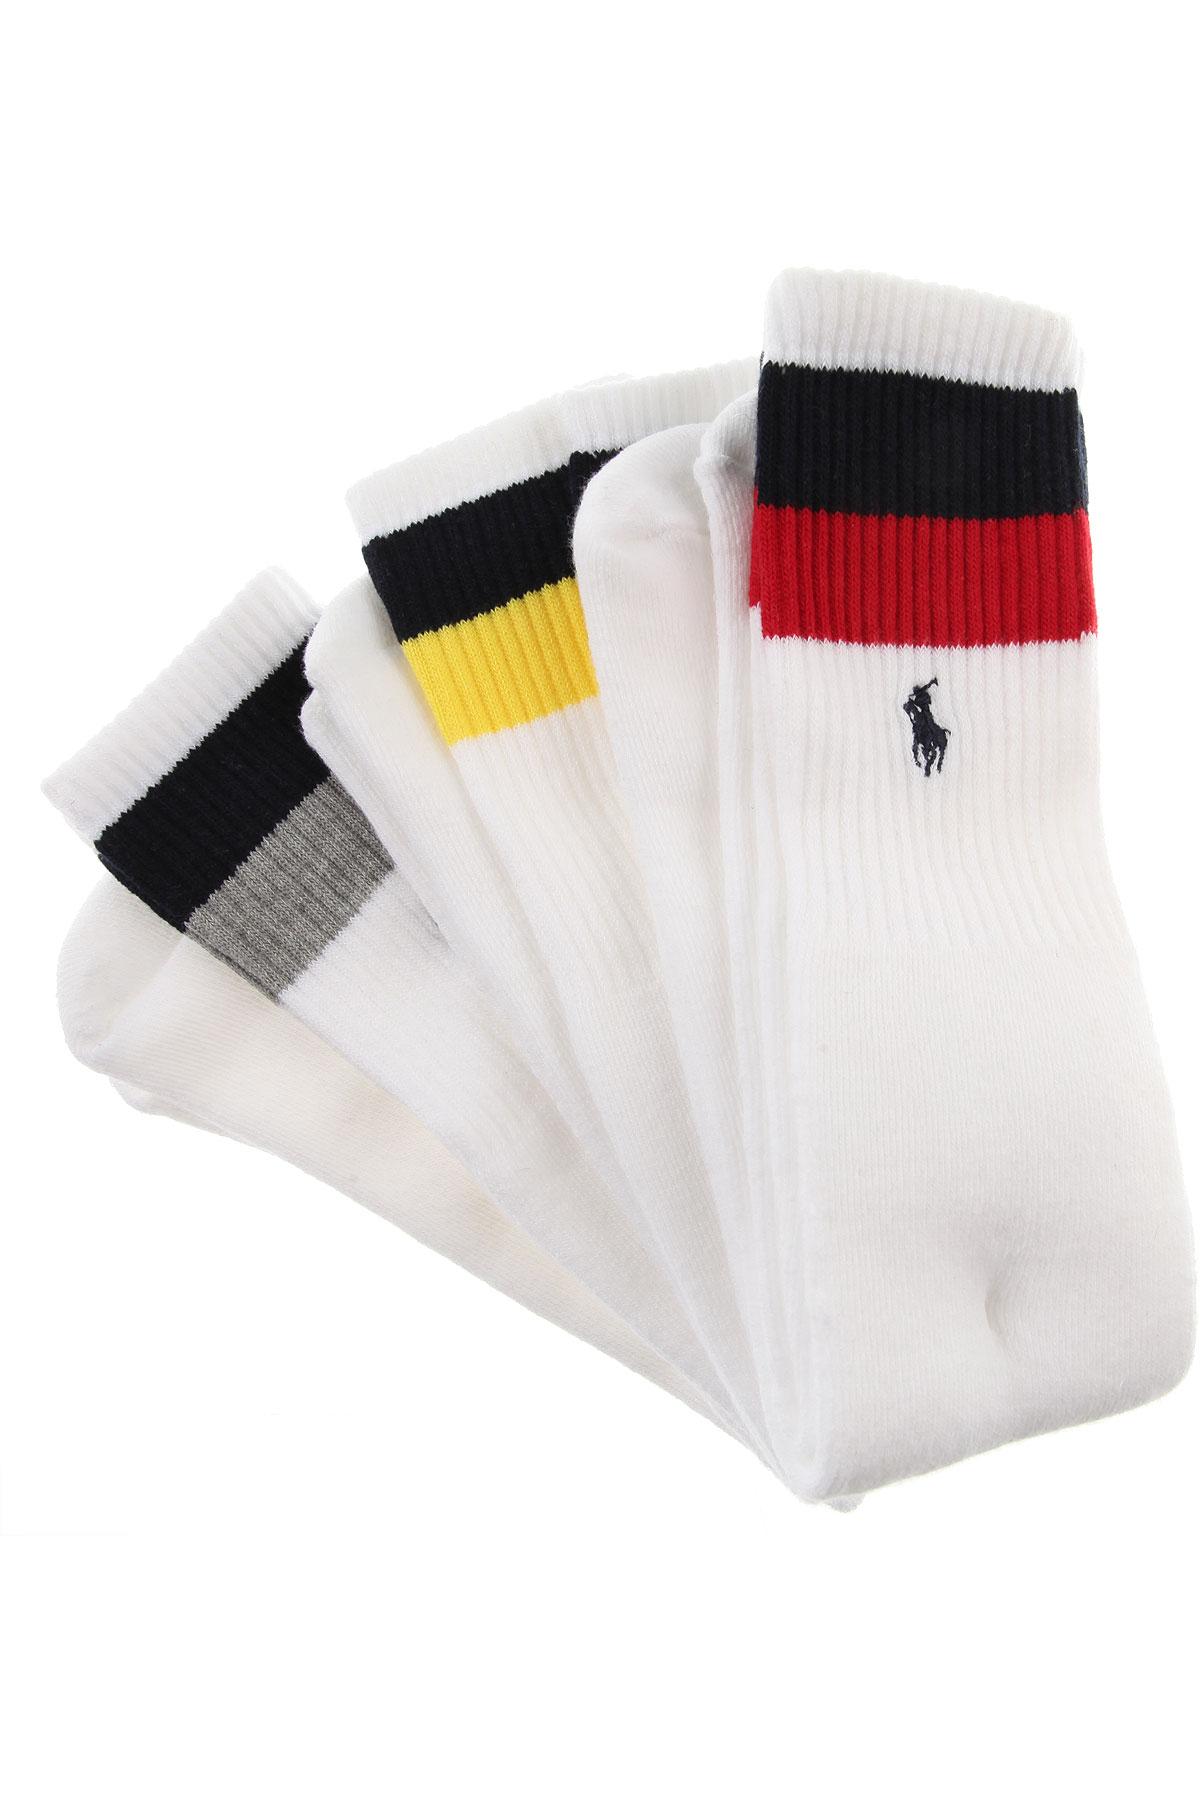 Image of Ralph Lauren Socks Socks for Men, 3 Pack, White, polyester, 2017